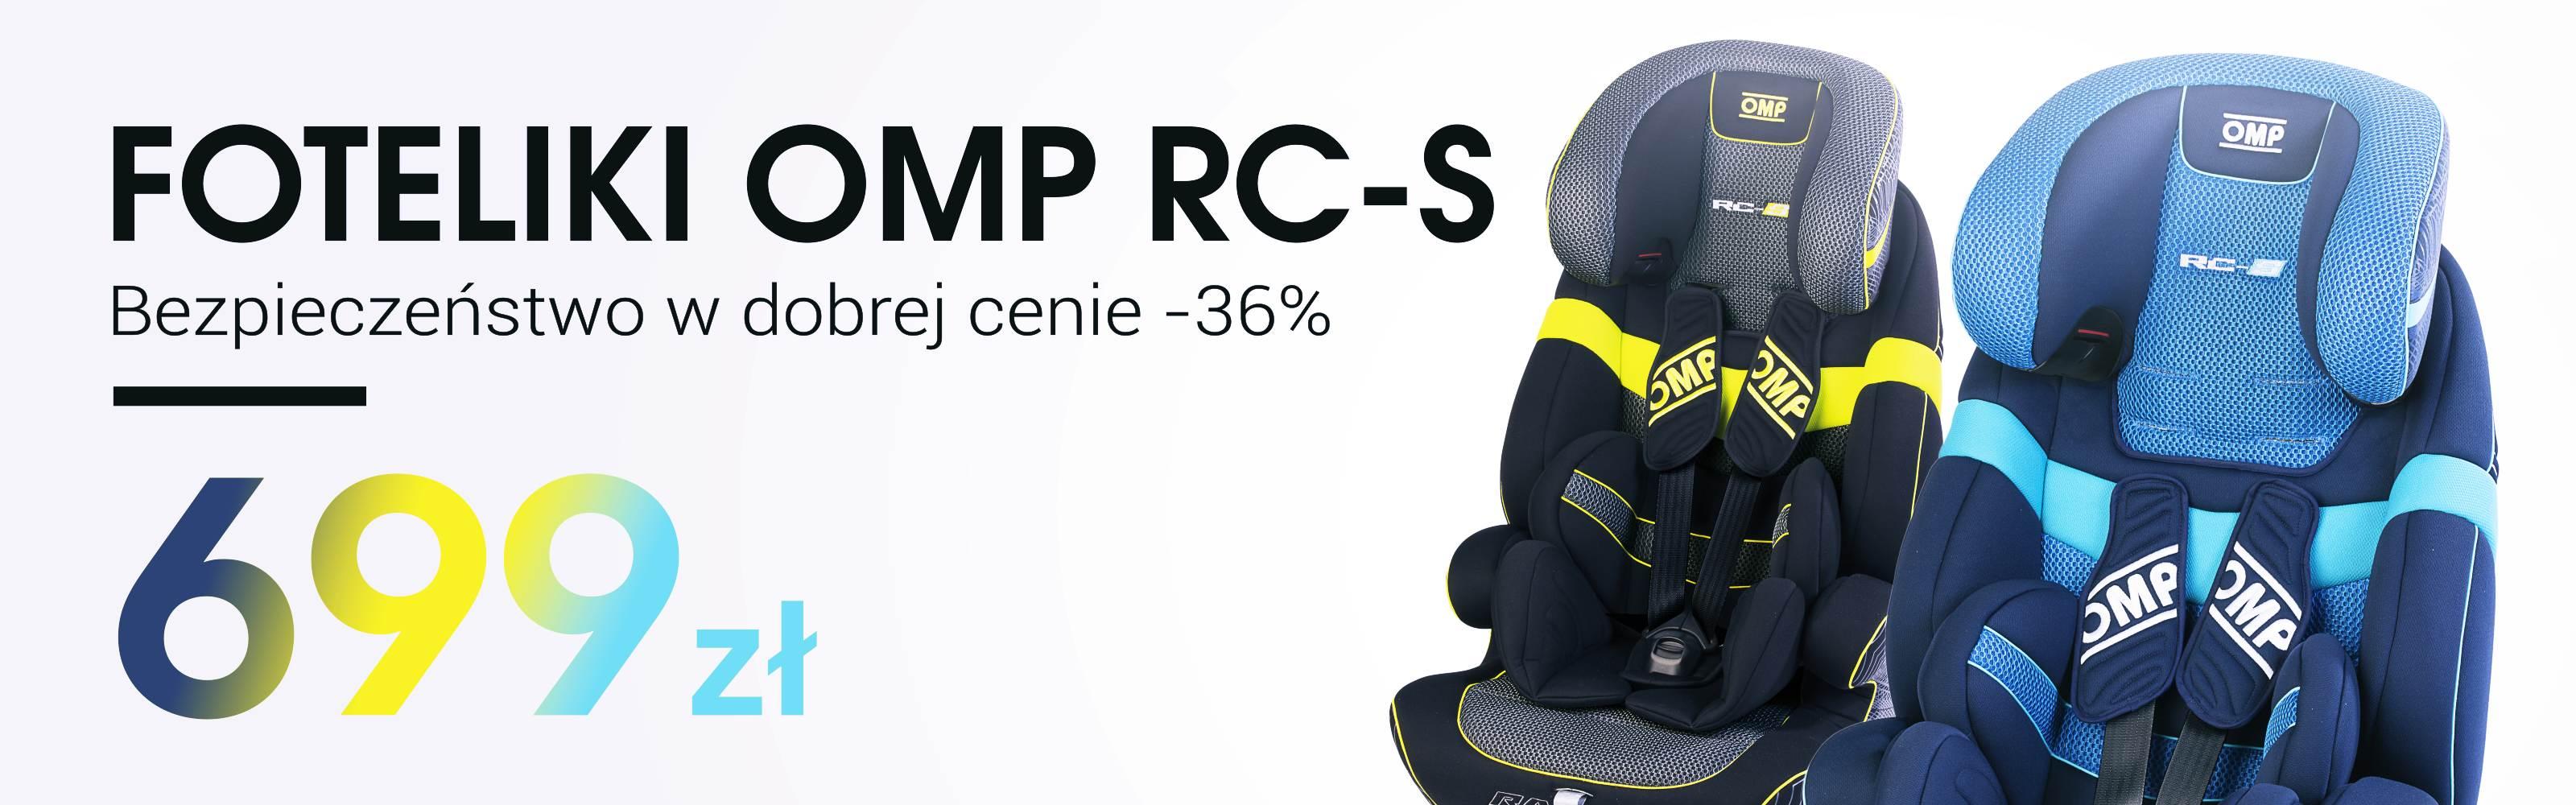 Foteliki OMP RC-S